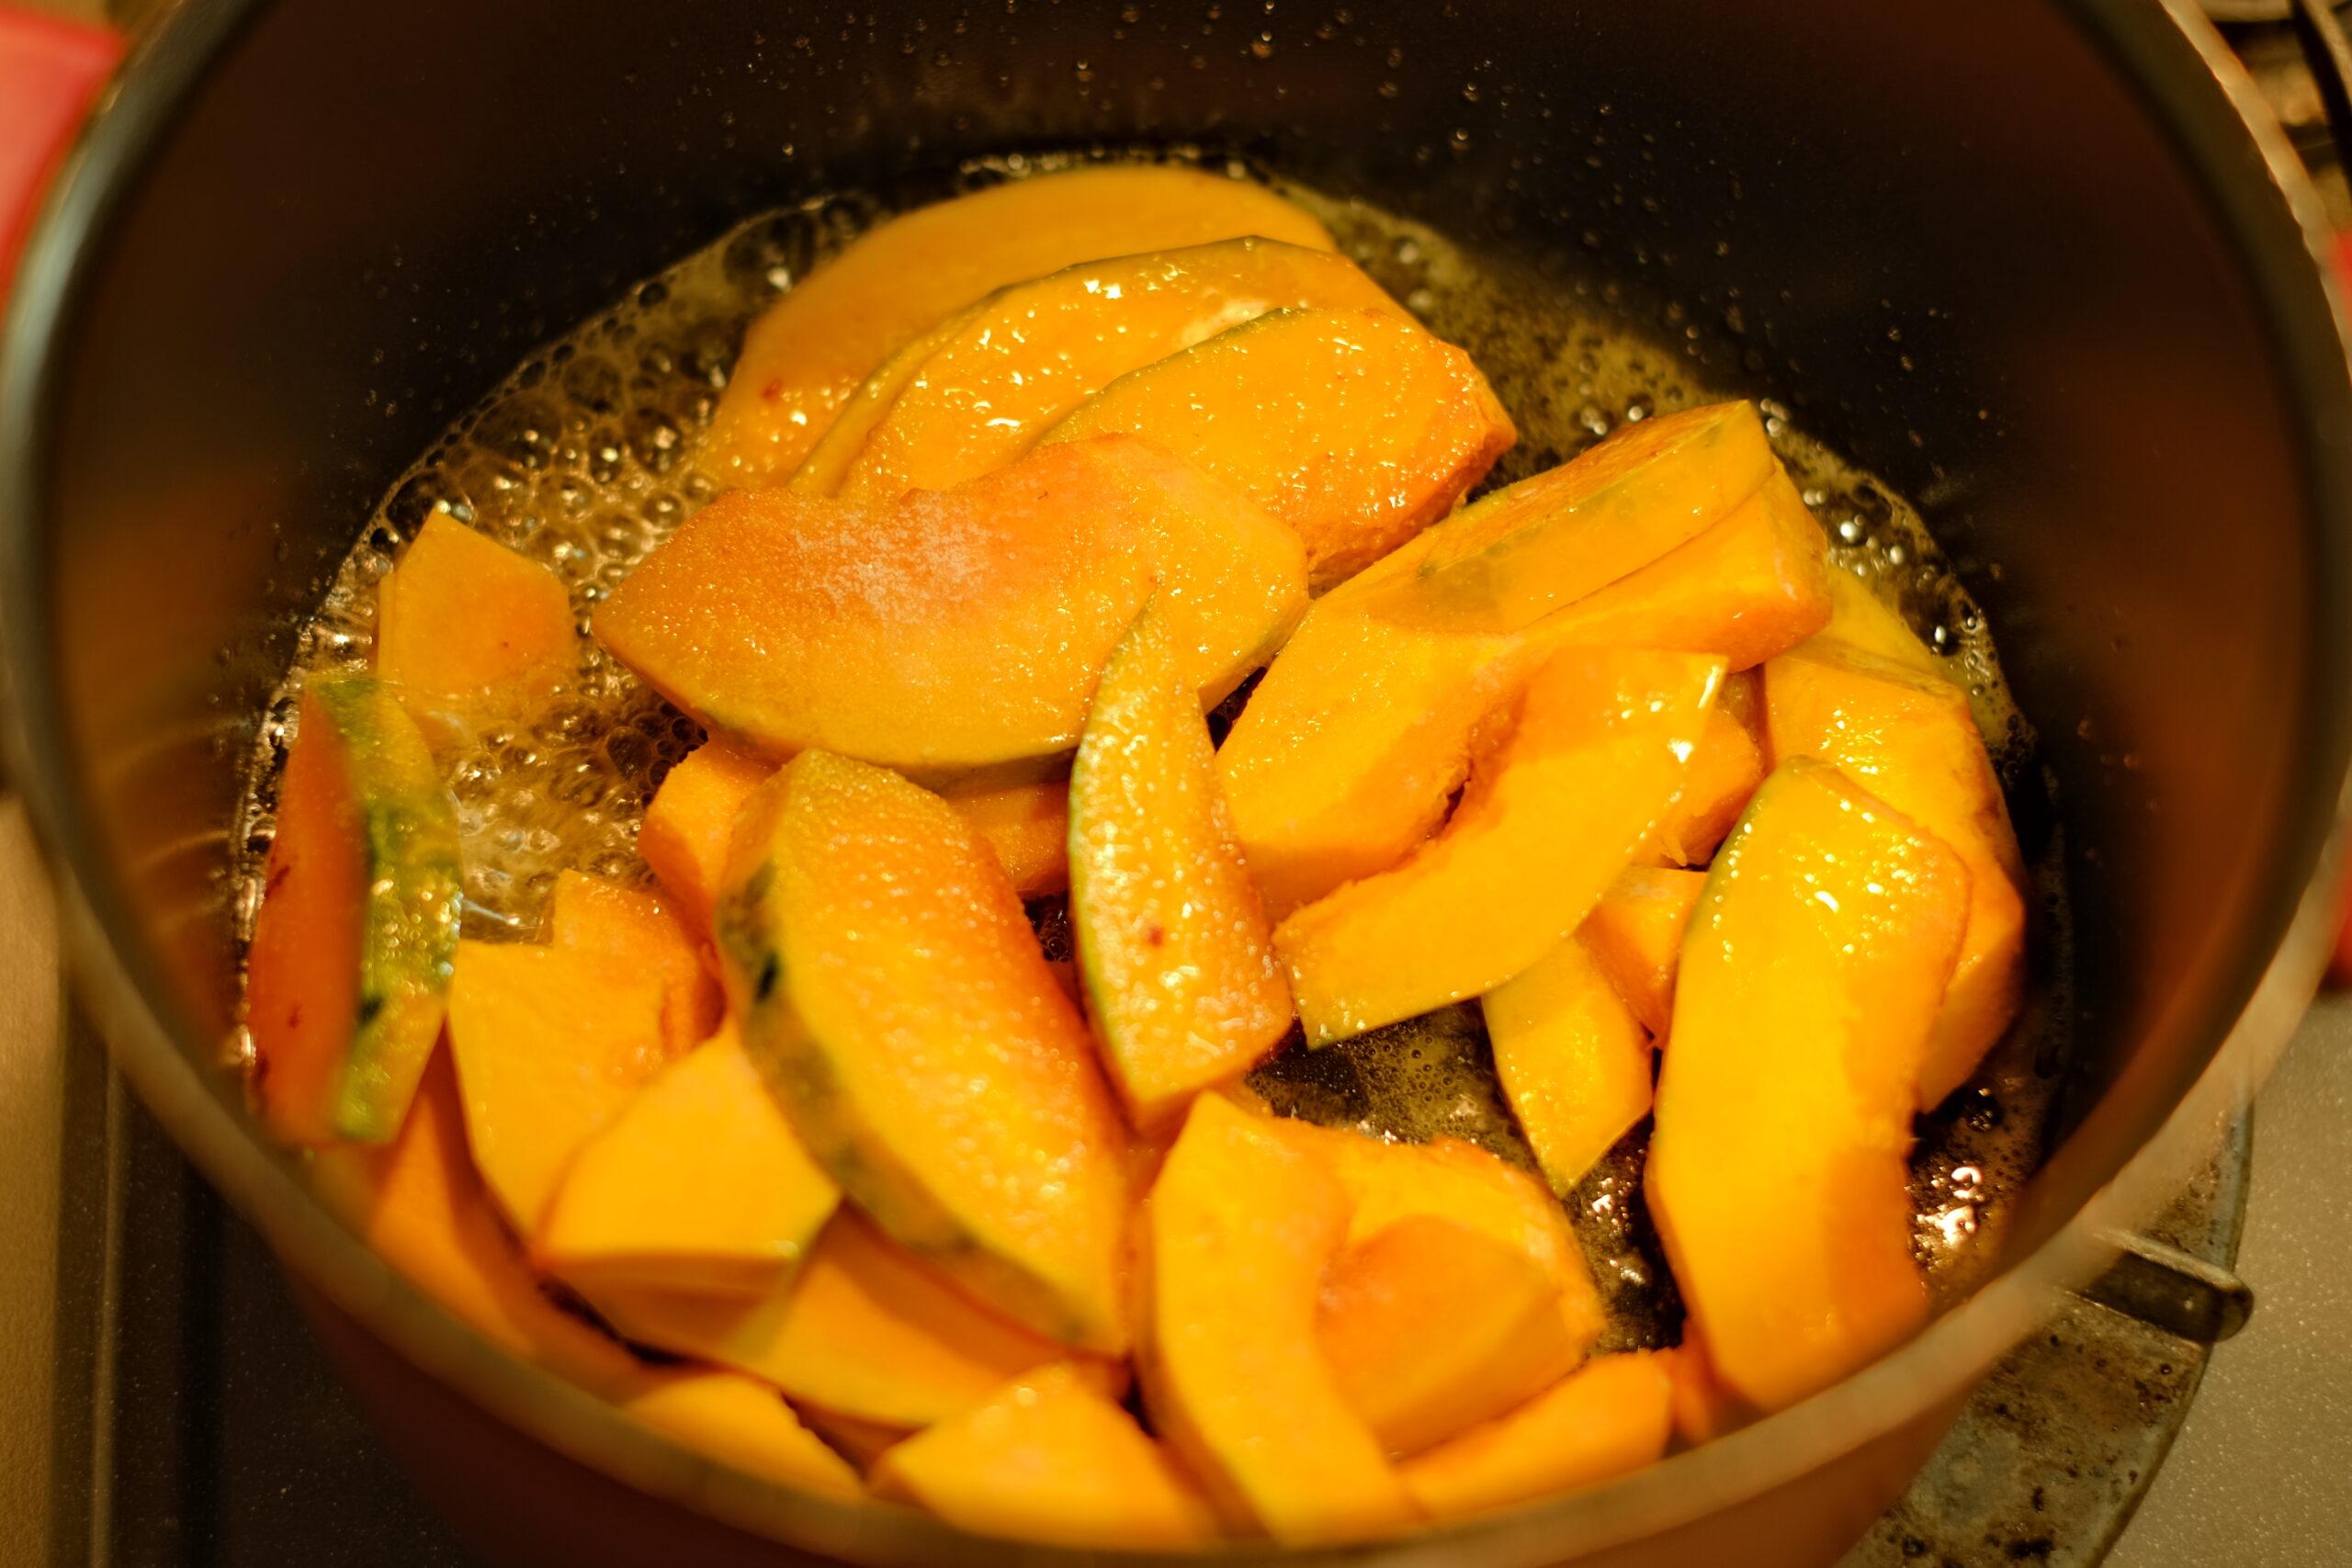 たっぷりのバターでかぼちゃを炒める様子の画像です。